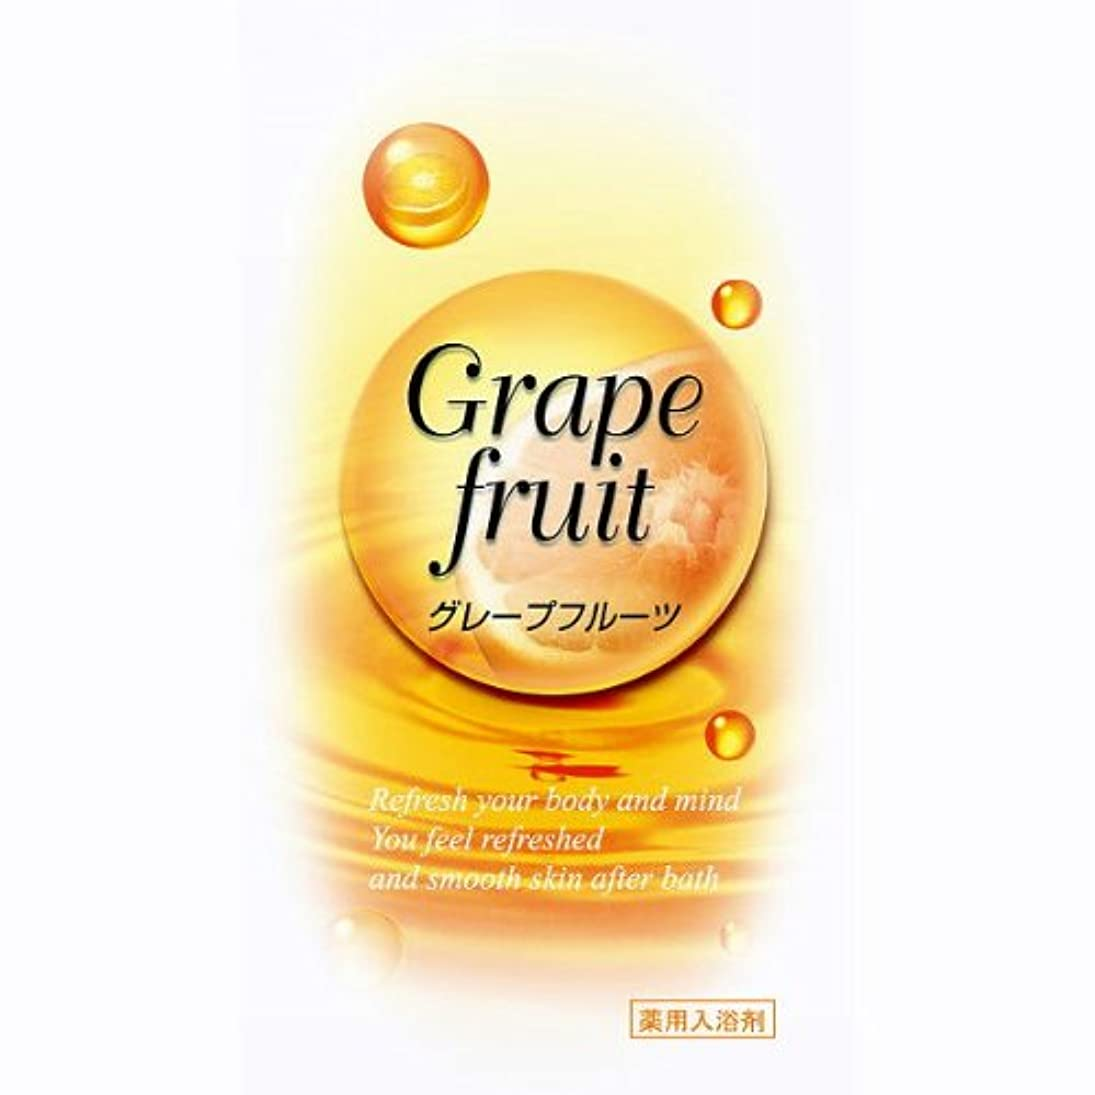 マントル裁判所主張トプラン入浴剤 グレープフルーツの香り